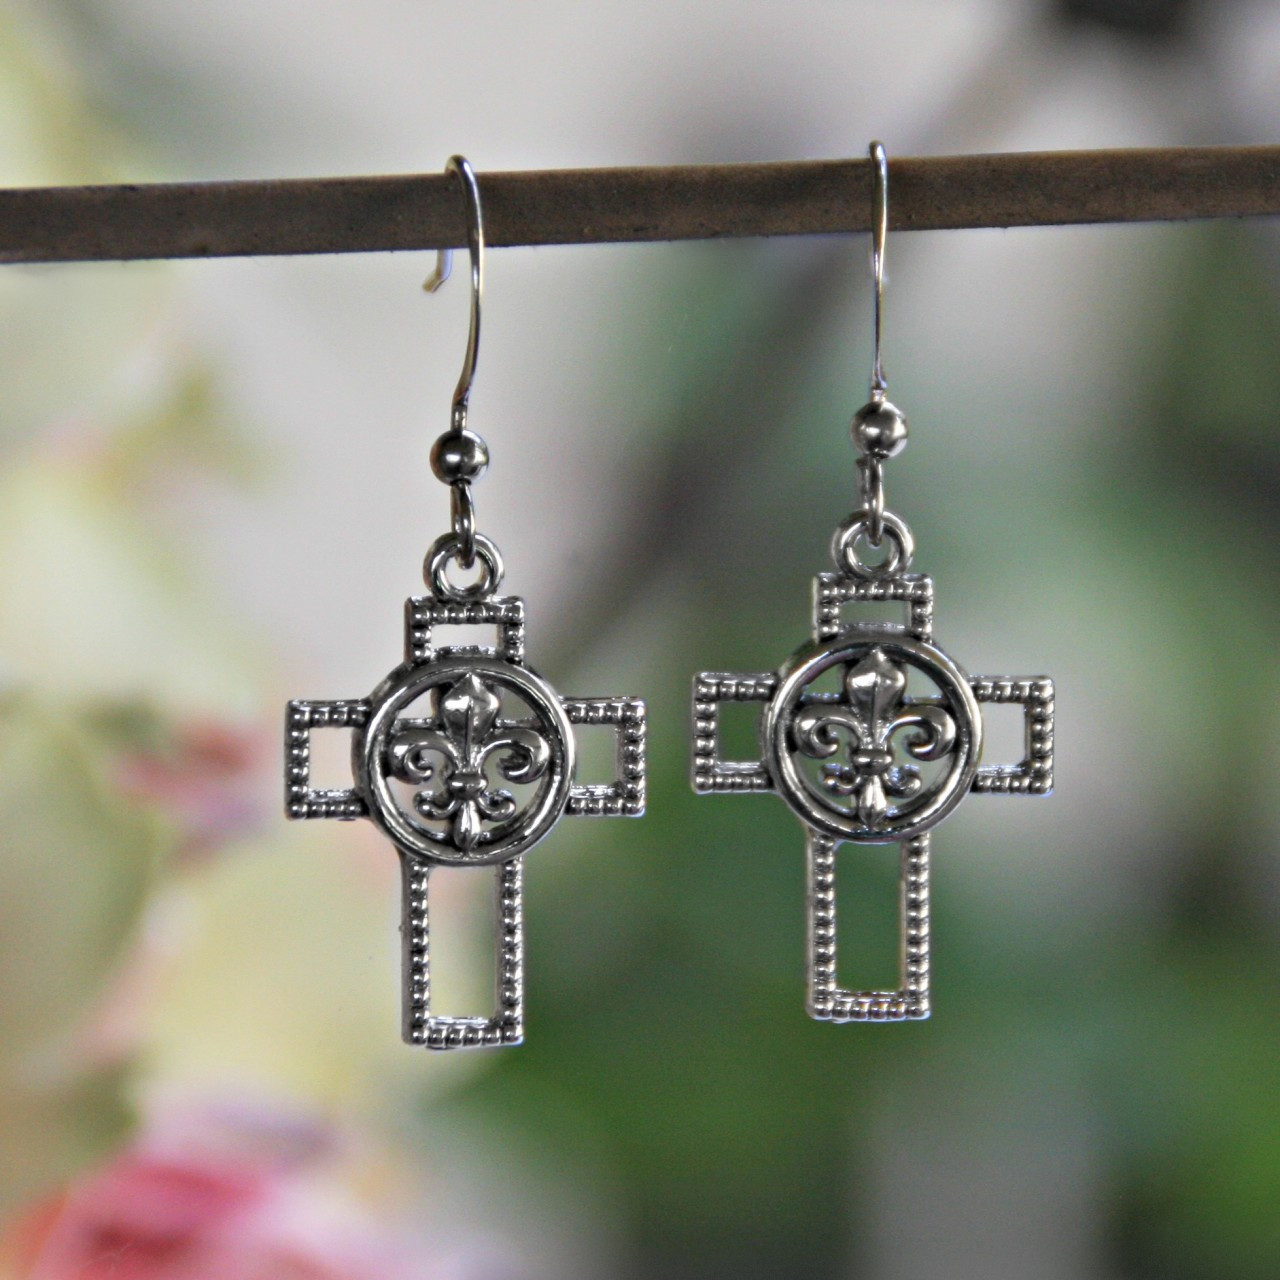 IN-30 Fleur De Lis Cross Earrings with Rhodium finish